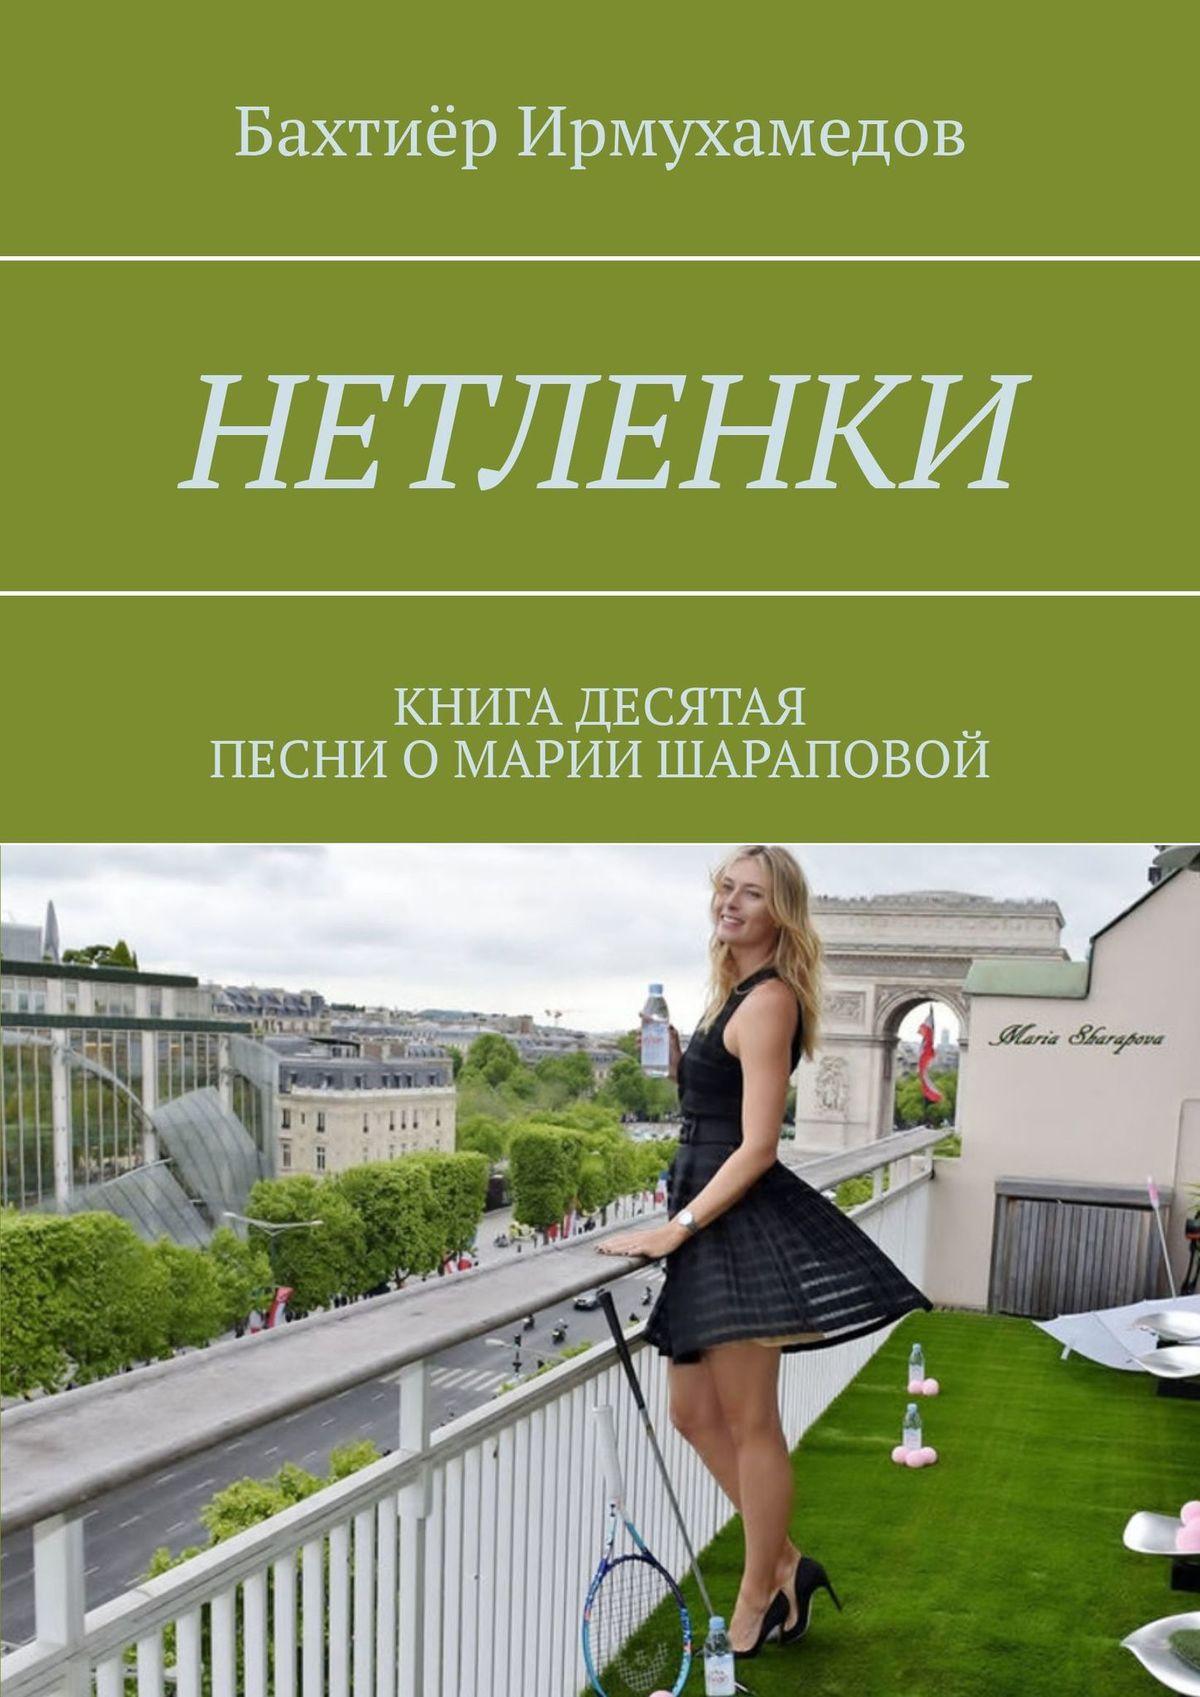 Бахтиёр Ирмухамедов Нетленки. Книга десятая. Песни о Марии Шараповой